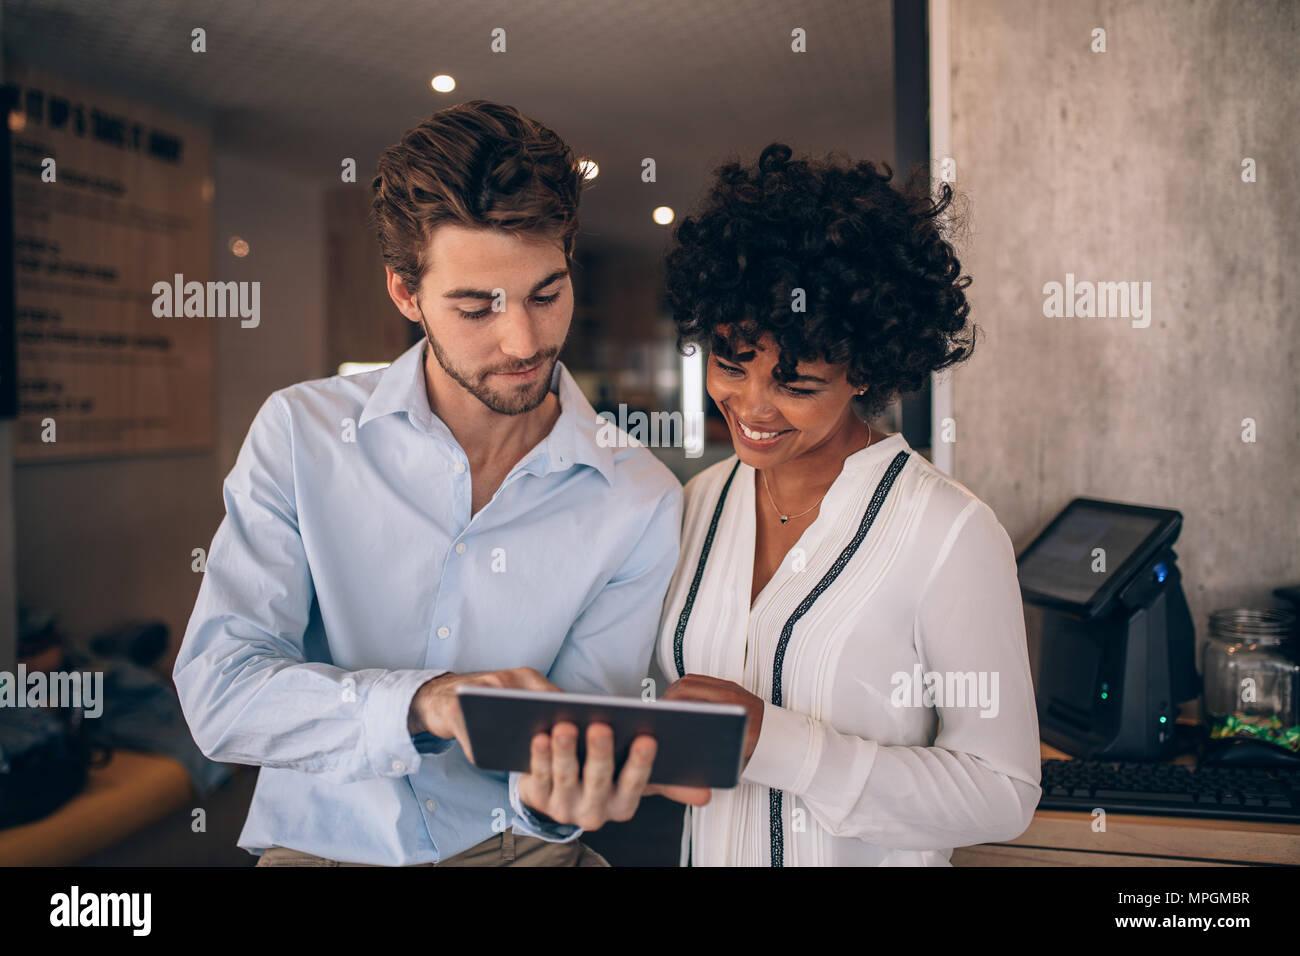 Due ristorante business partner in piedi insieme e guardando a tavoletta digitale. L uomo e la donna con tavoletta digitale in una caffetteria. Foto Stock